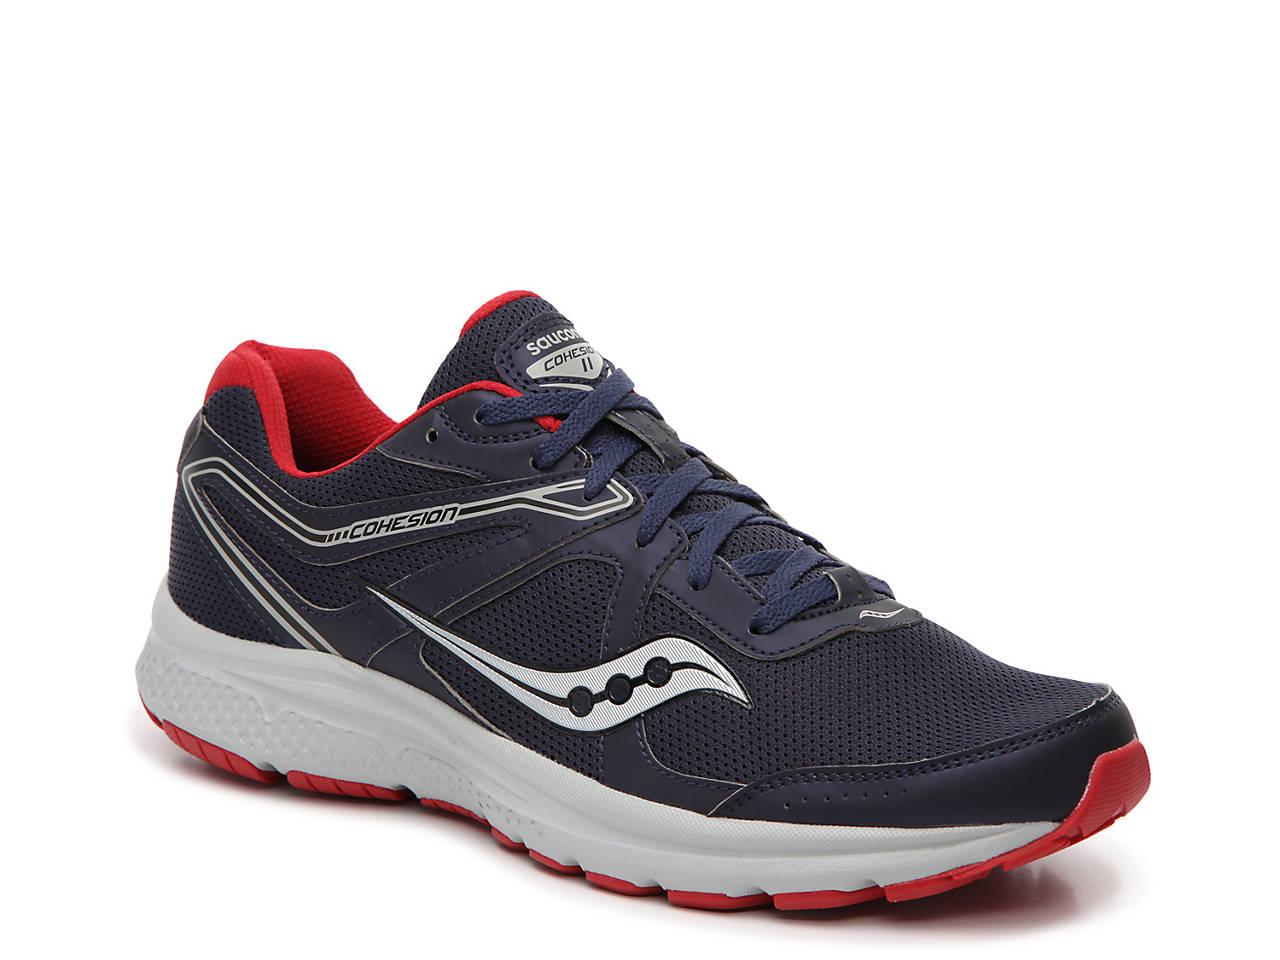 7e504e40e4c8b0 Saucony Cohesion 11 Running Shoe - Men s Men s Shoes